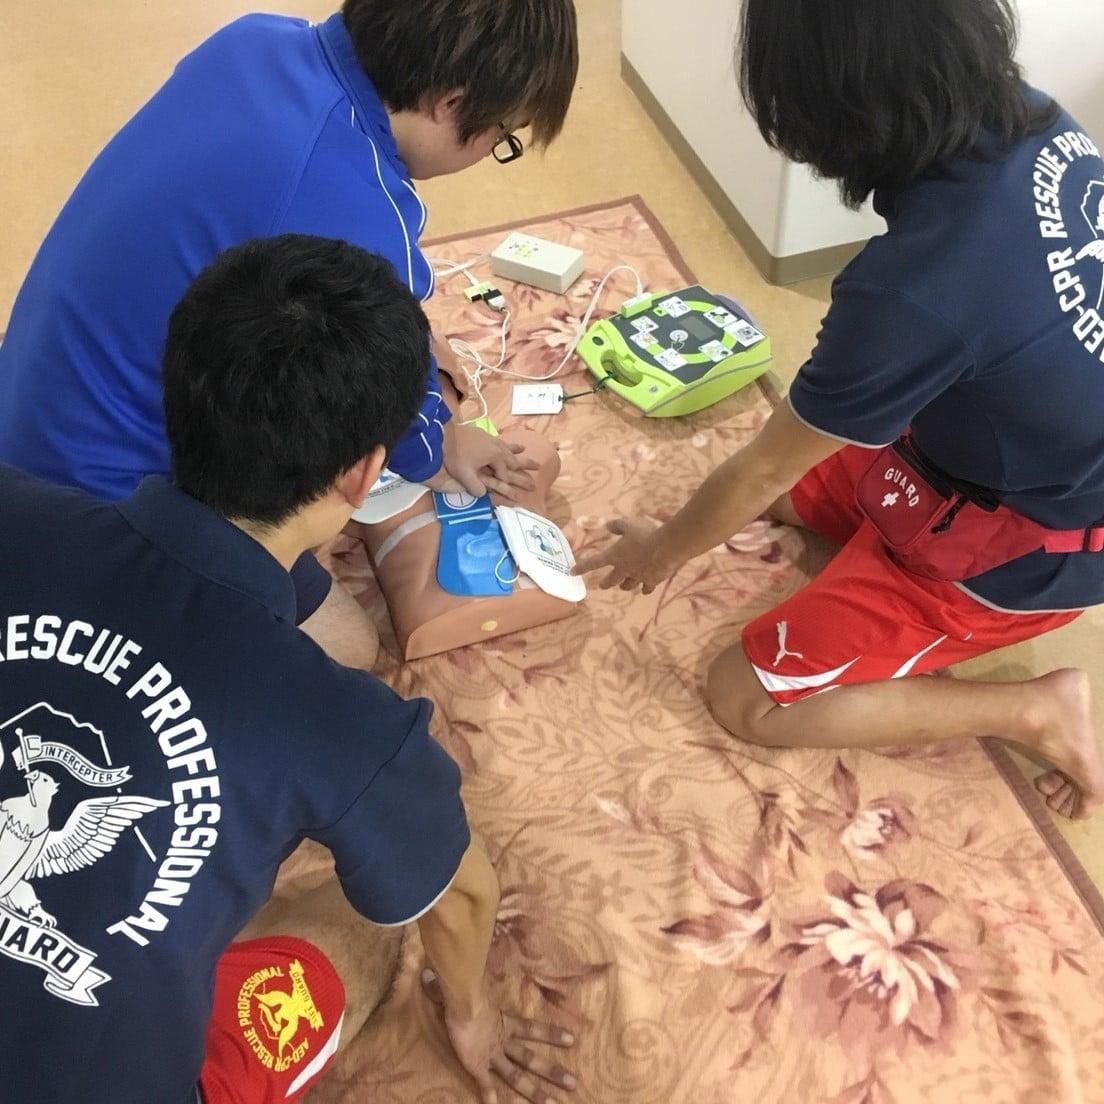 AED設置のための募金 AED基金 月額123円のイメージその4